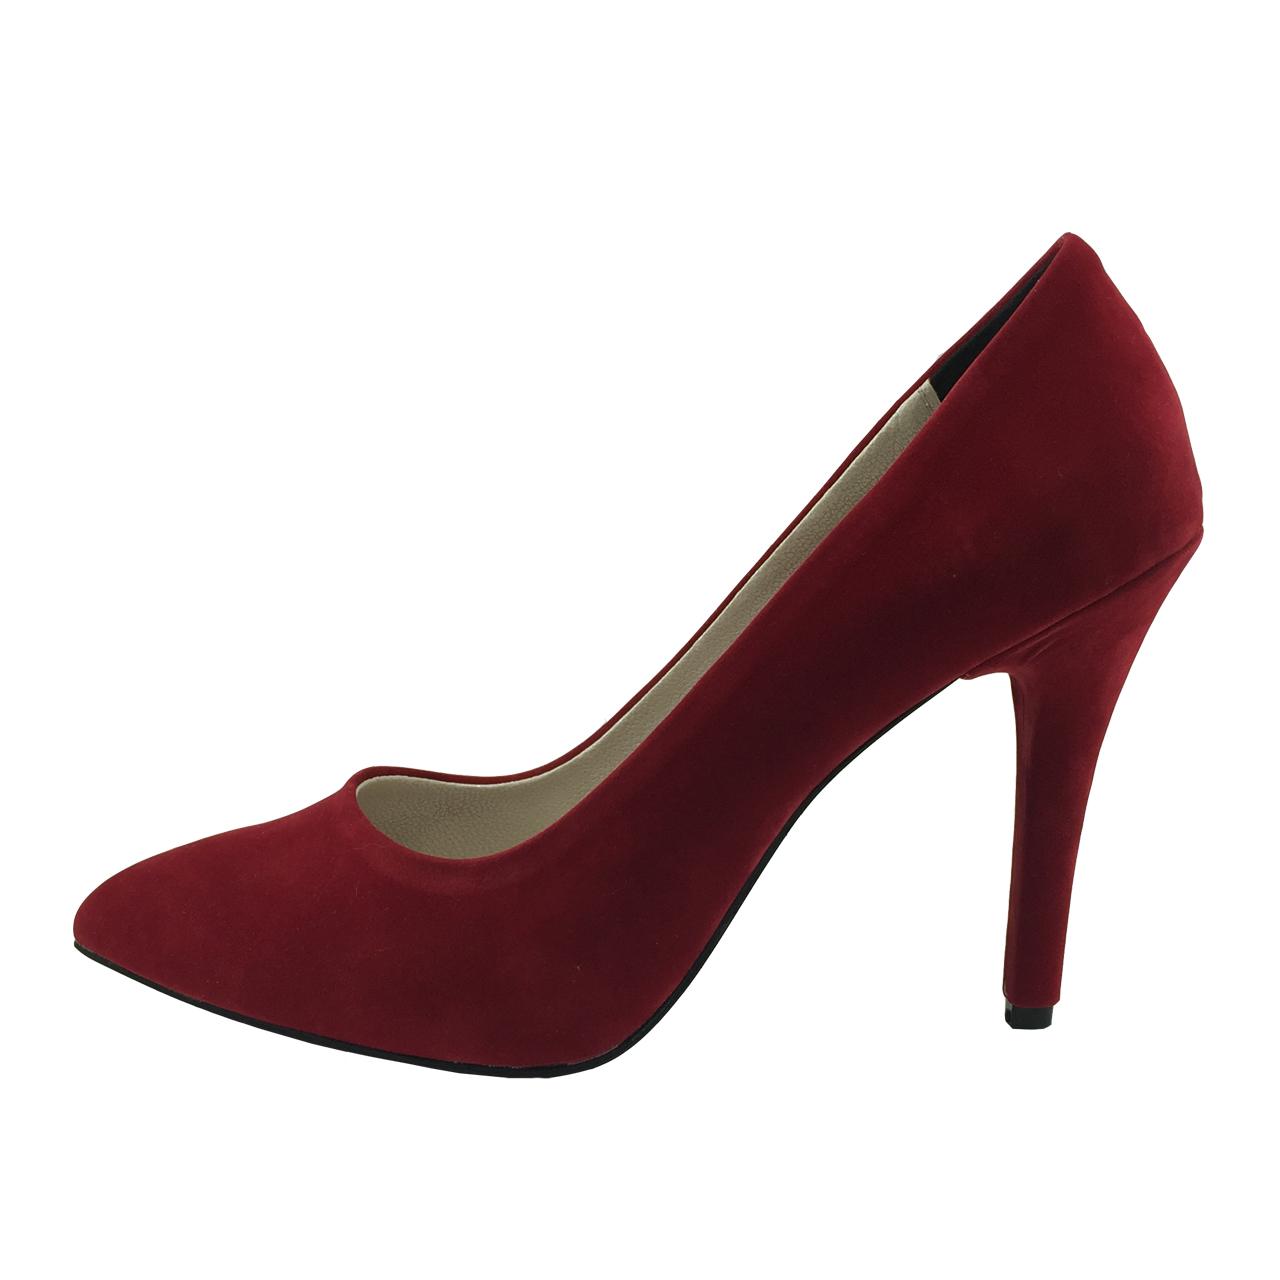 کفش زنانه مدل B133 رنگ قرمز